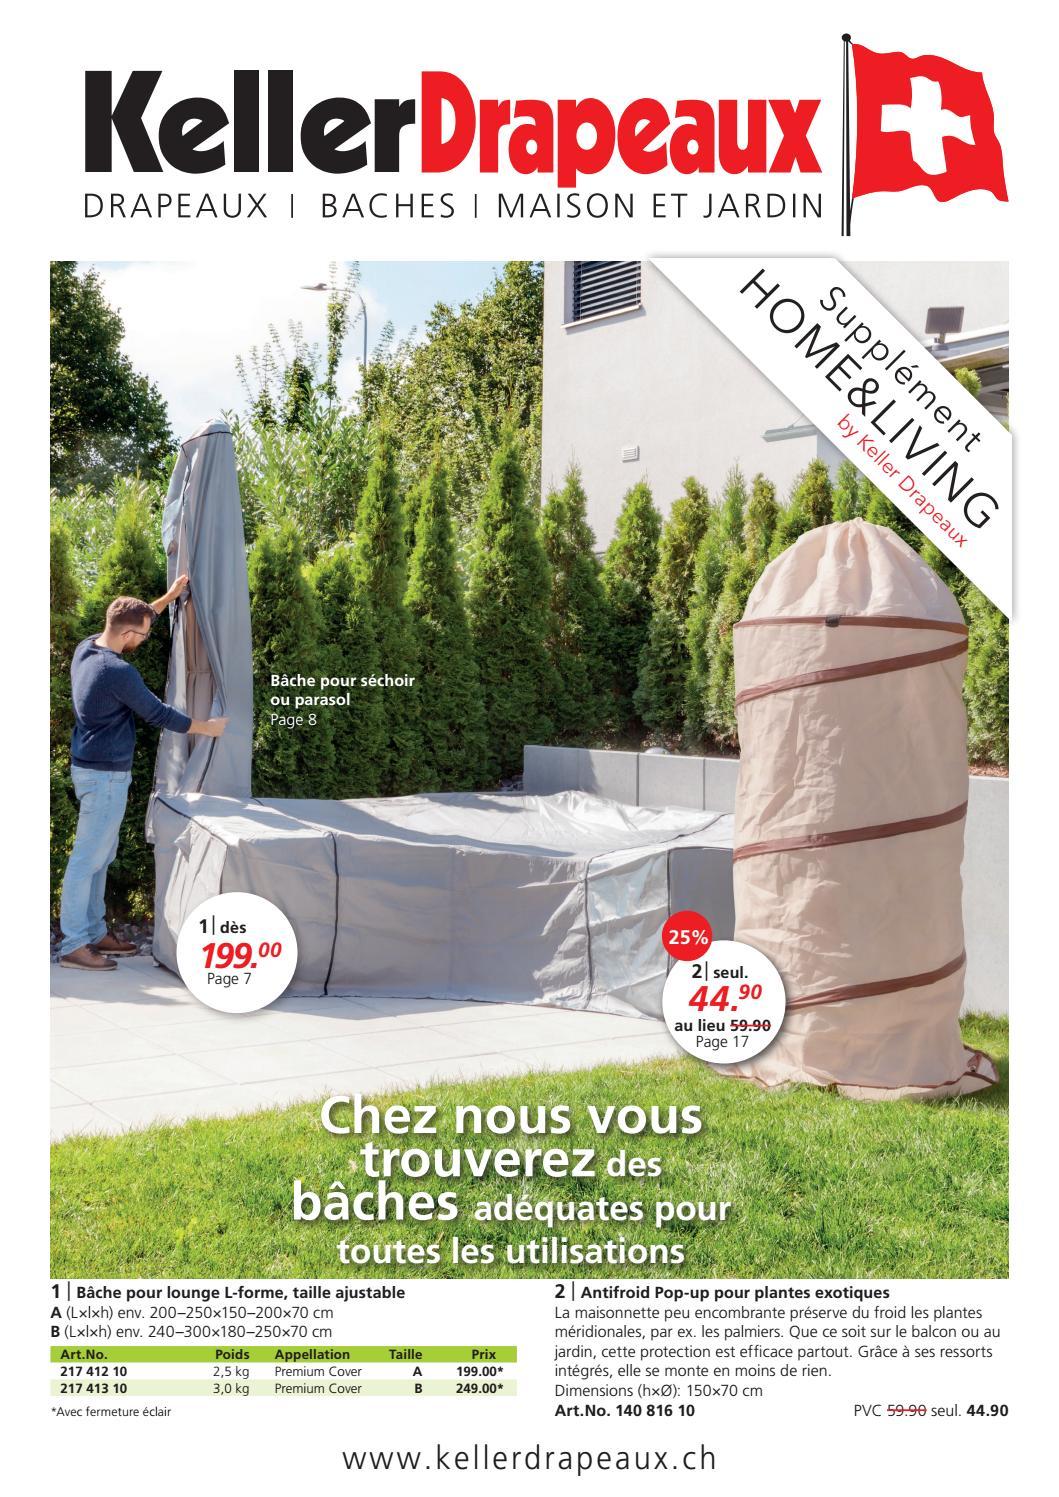 Mousqueton Fermeture Rapide 5 Pièces Acier-Noir Tourbillon Ø 20 mm